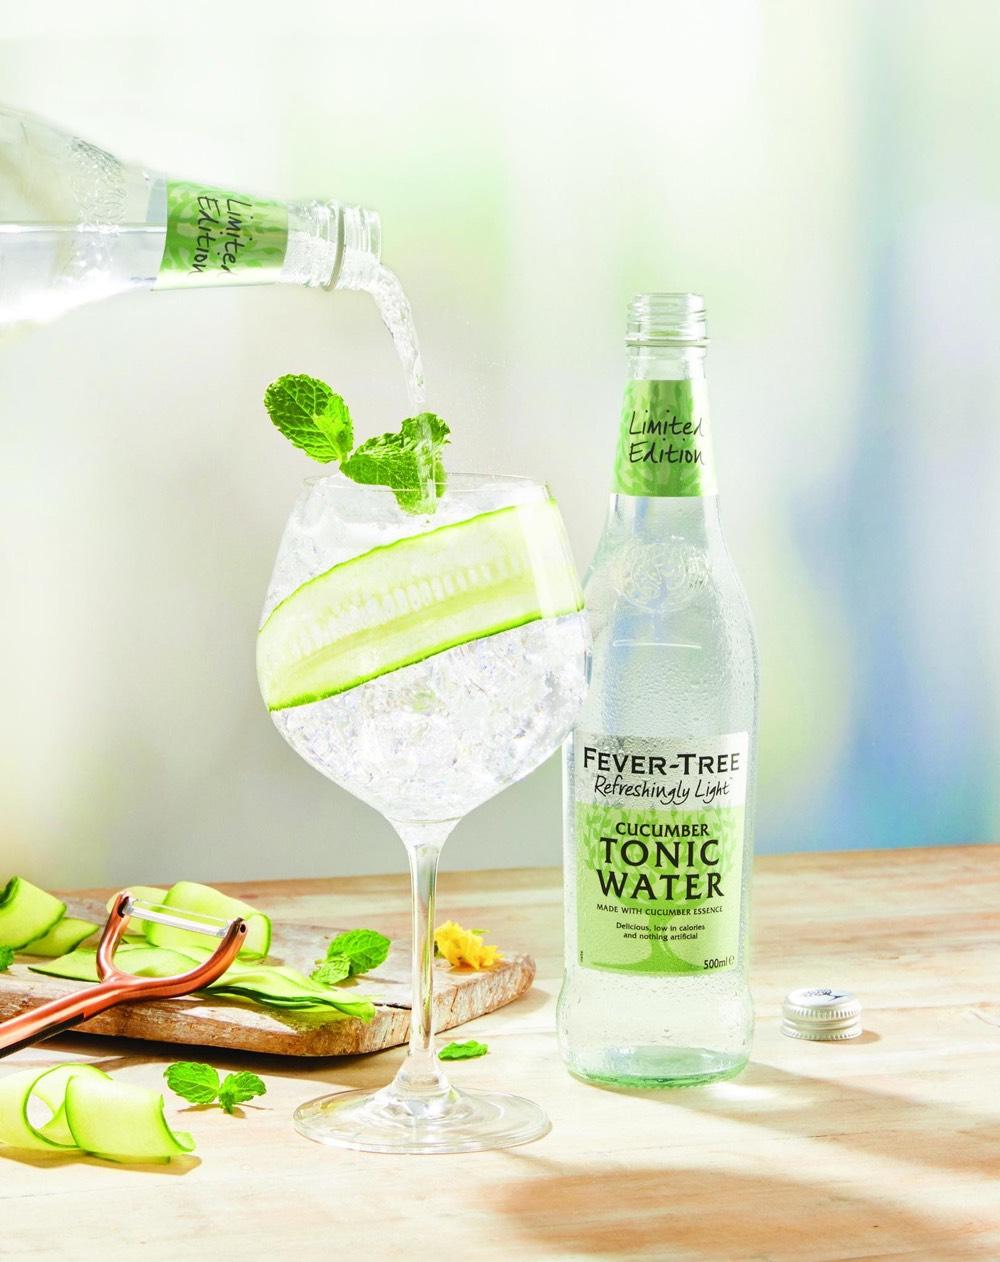 Fever-Tree lanza Refreshingly Light Cucumber Tonic, una nueva tónica con sabor a pepino